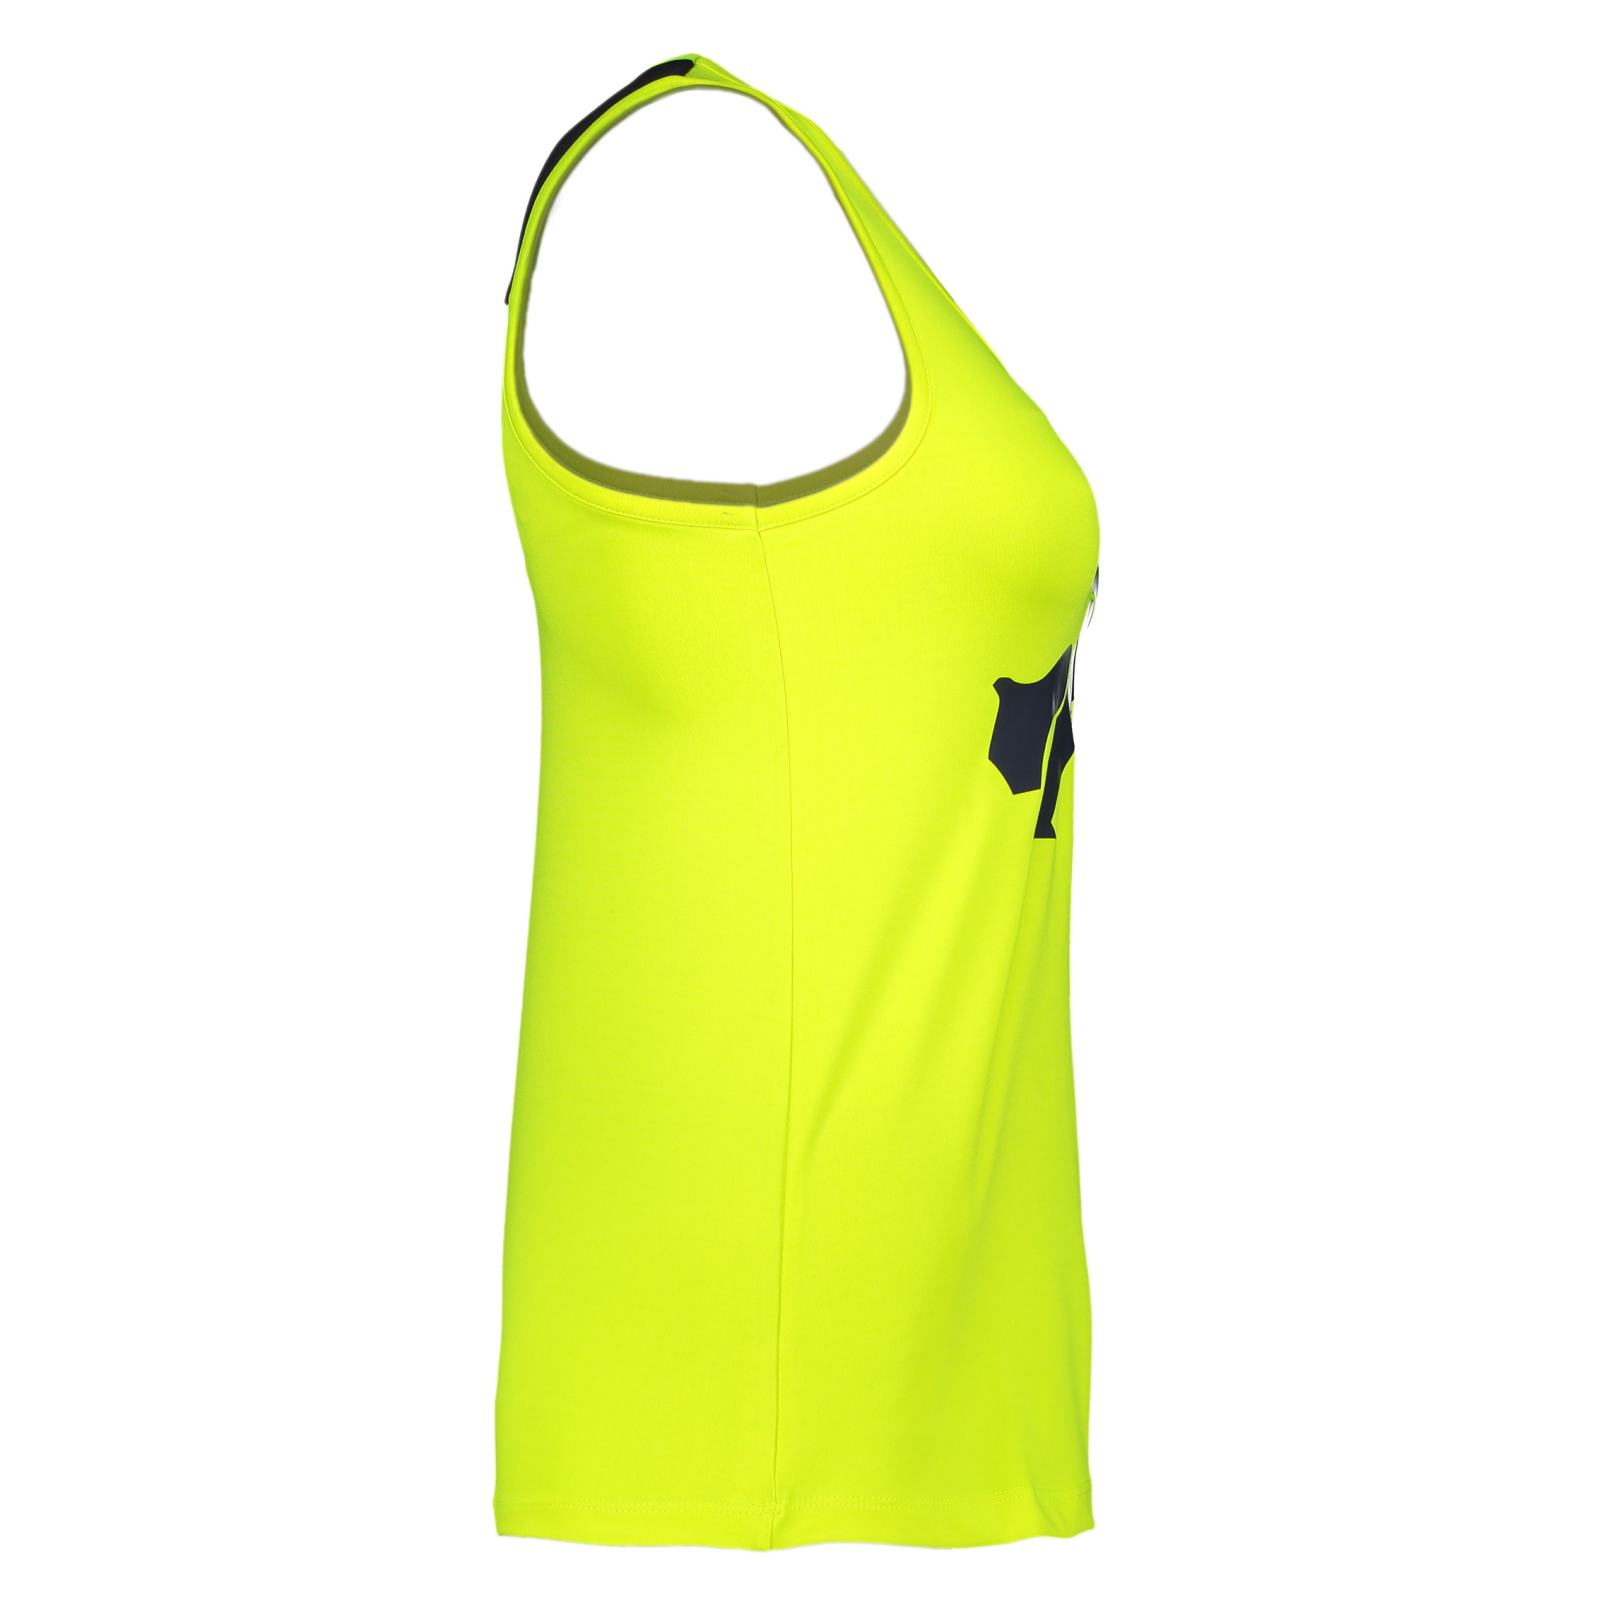 تاپ ورزشی زنانه آر ان اس مدل 1101091-16 main 1 2